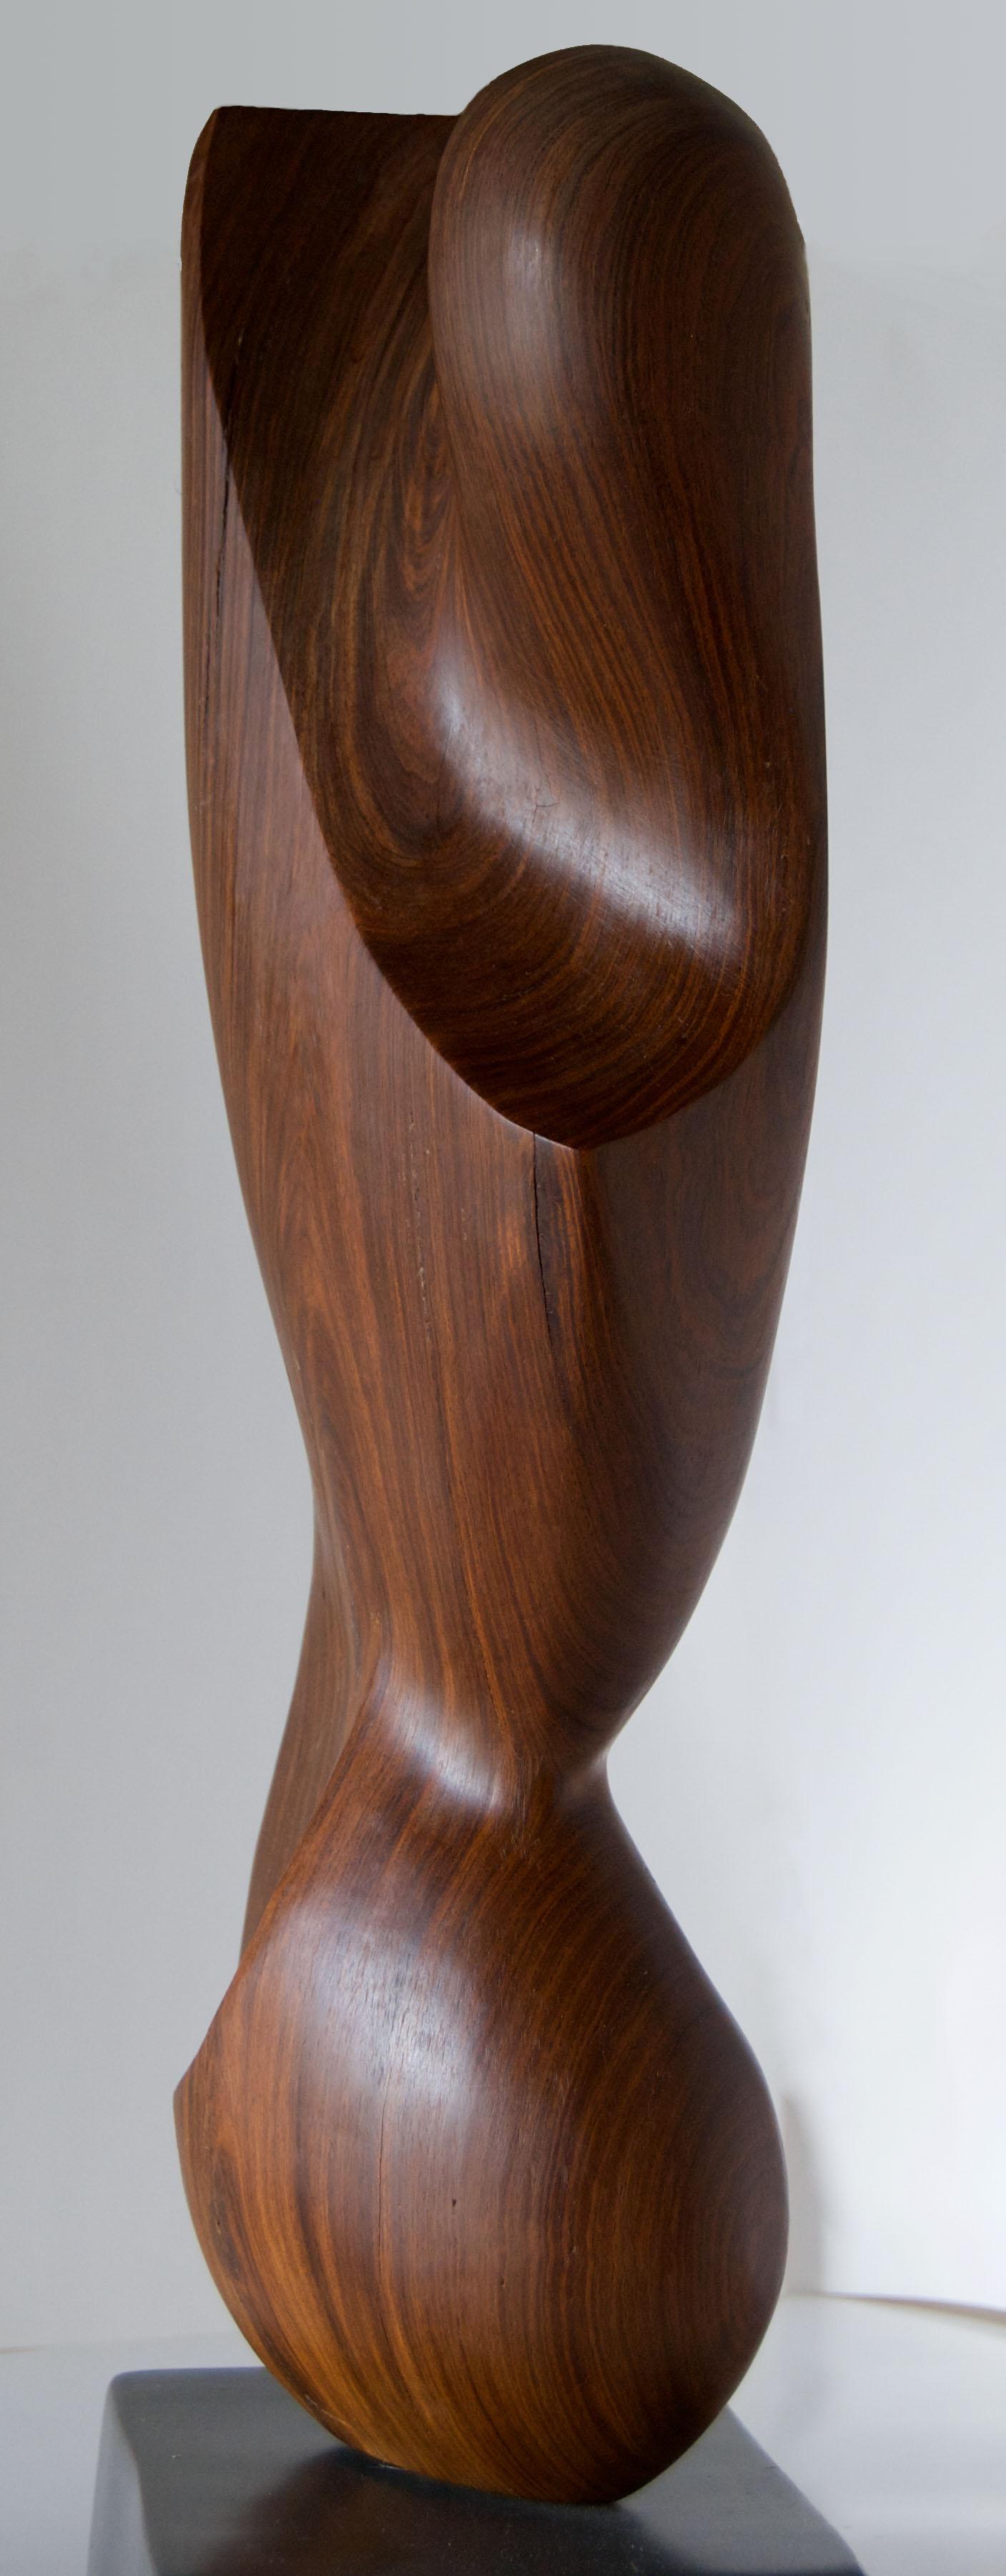 Wooden sculpture2 back2.jpg